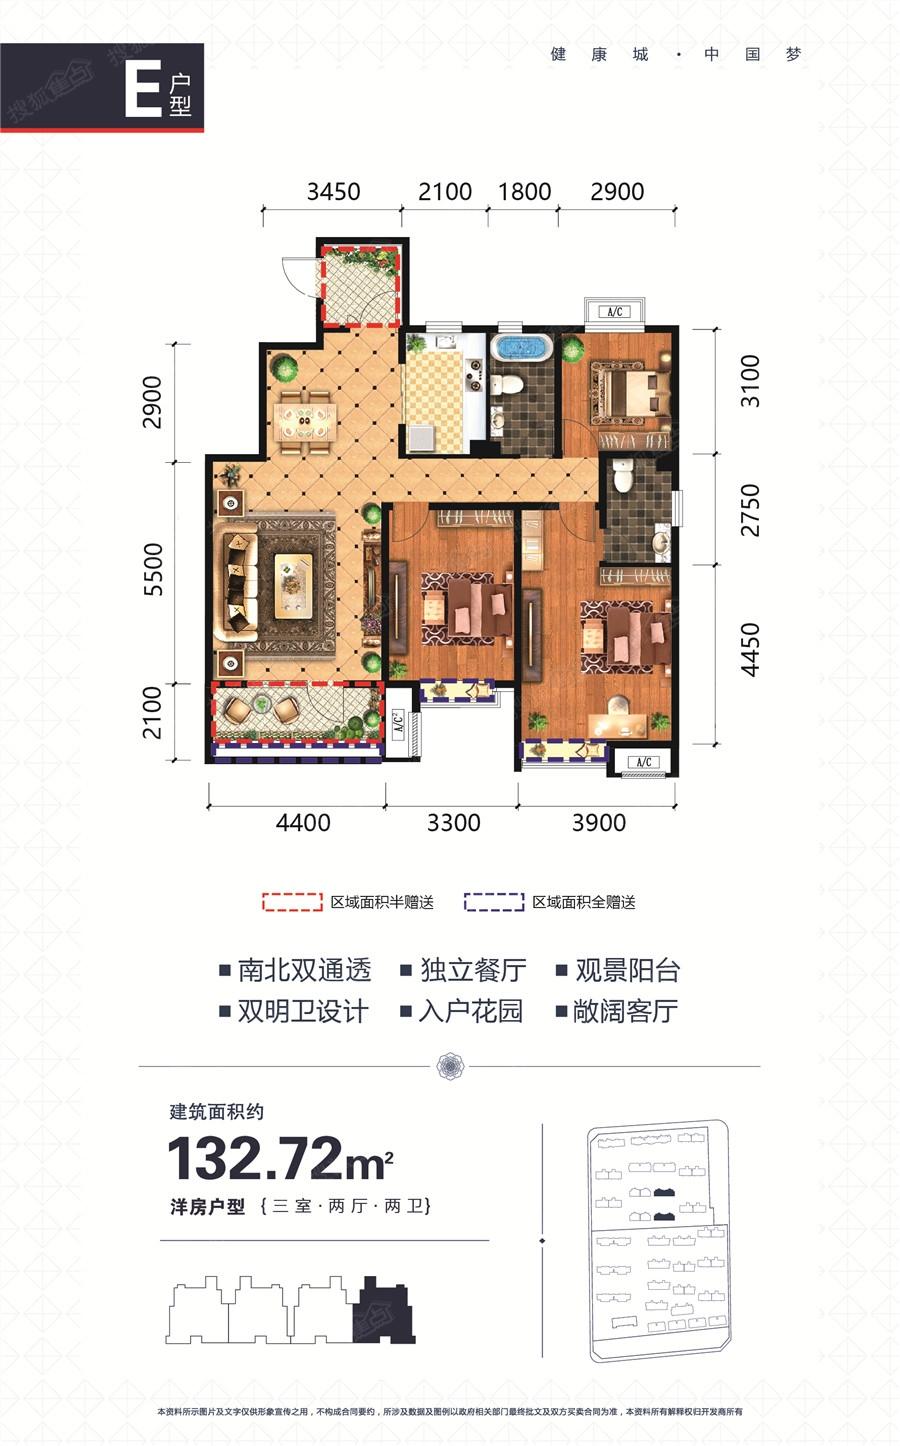 亚太国际健康城三居室一期e_亚太国际健康城户型图